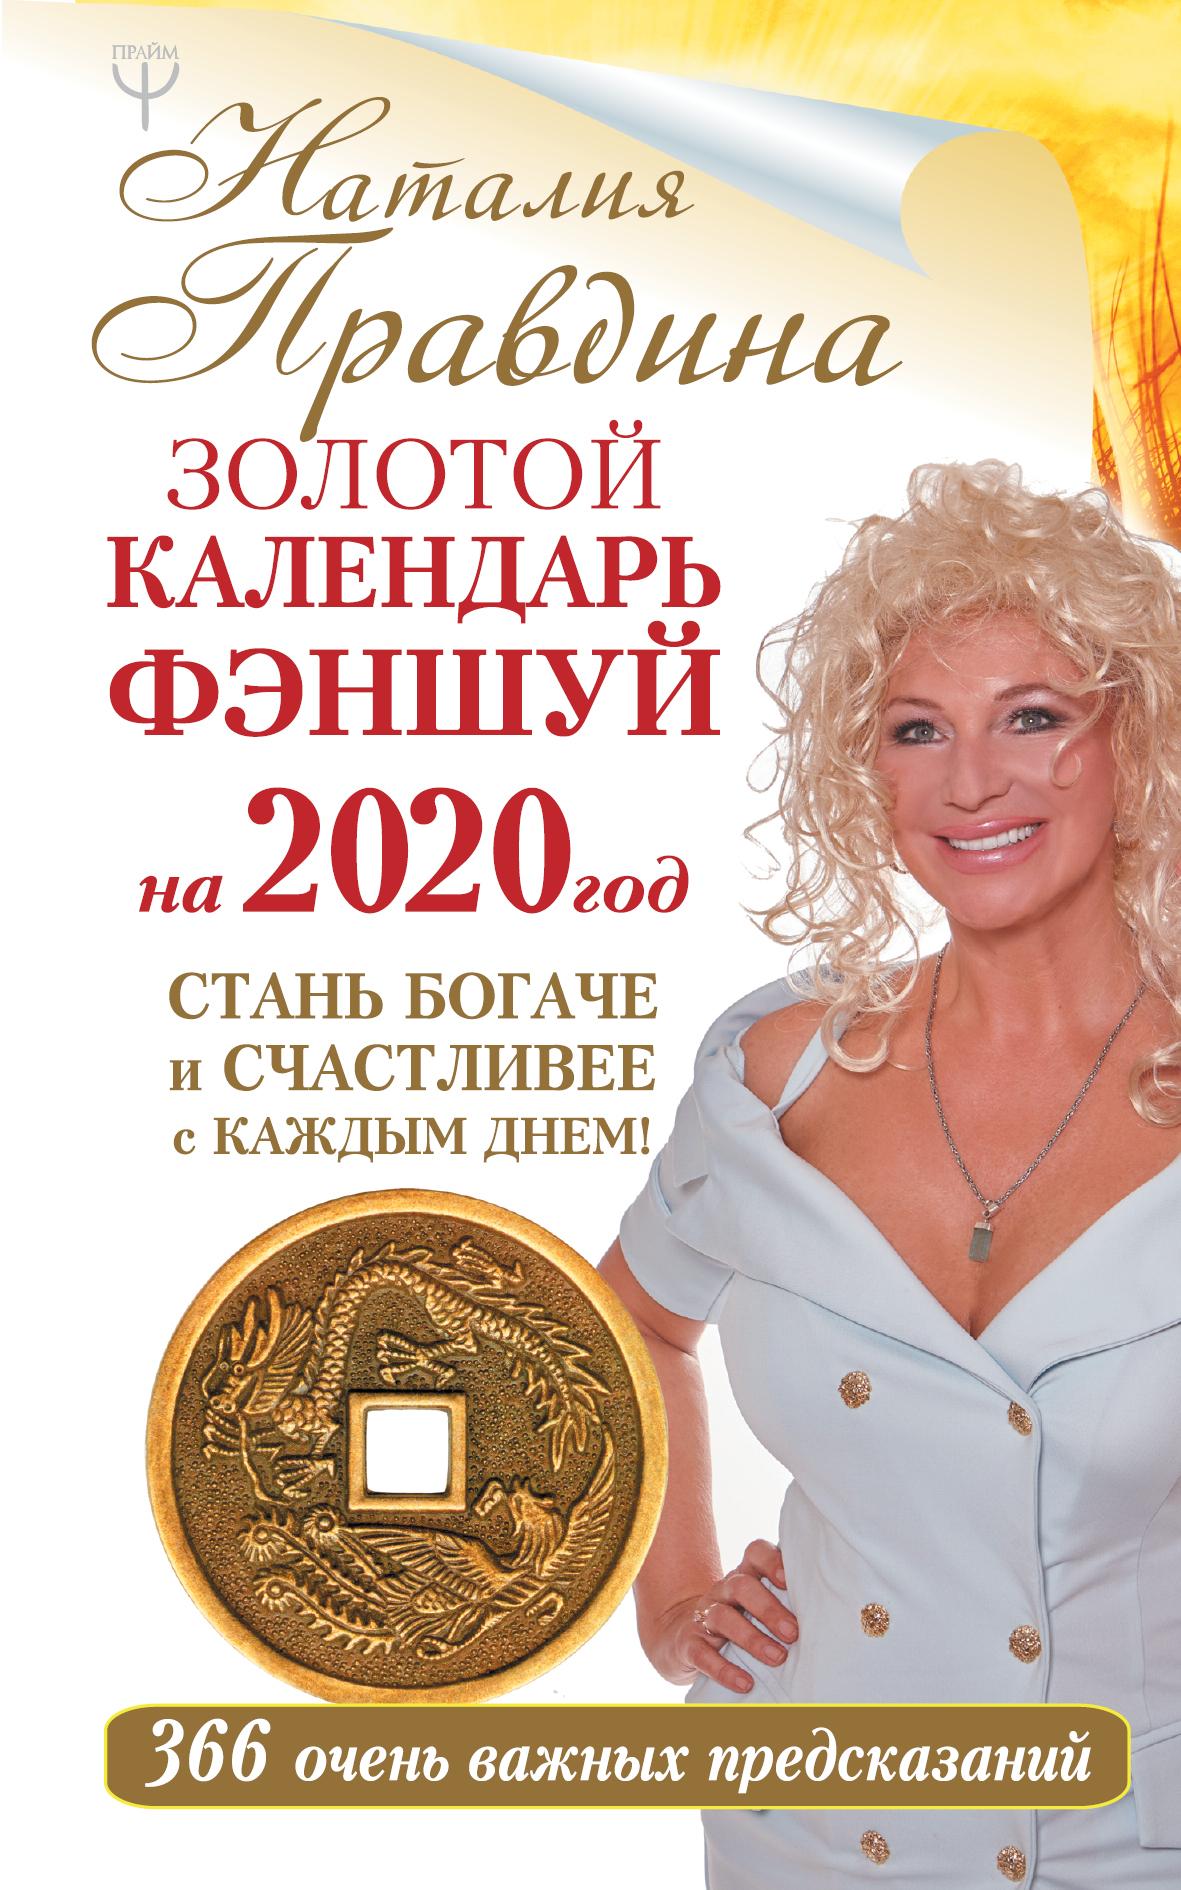 Наталия Правдина Золотой календарь фэншуй на 2020 год. 366 очень важных предсказаний. Стань богаче и счастливее с каждым днем! наталия правдина золотой календарь фэншуй на 2017 год 365 очень важных предсказаний стань богаче и счастливее с каждым днем